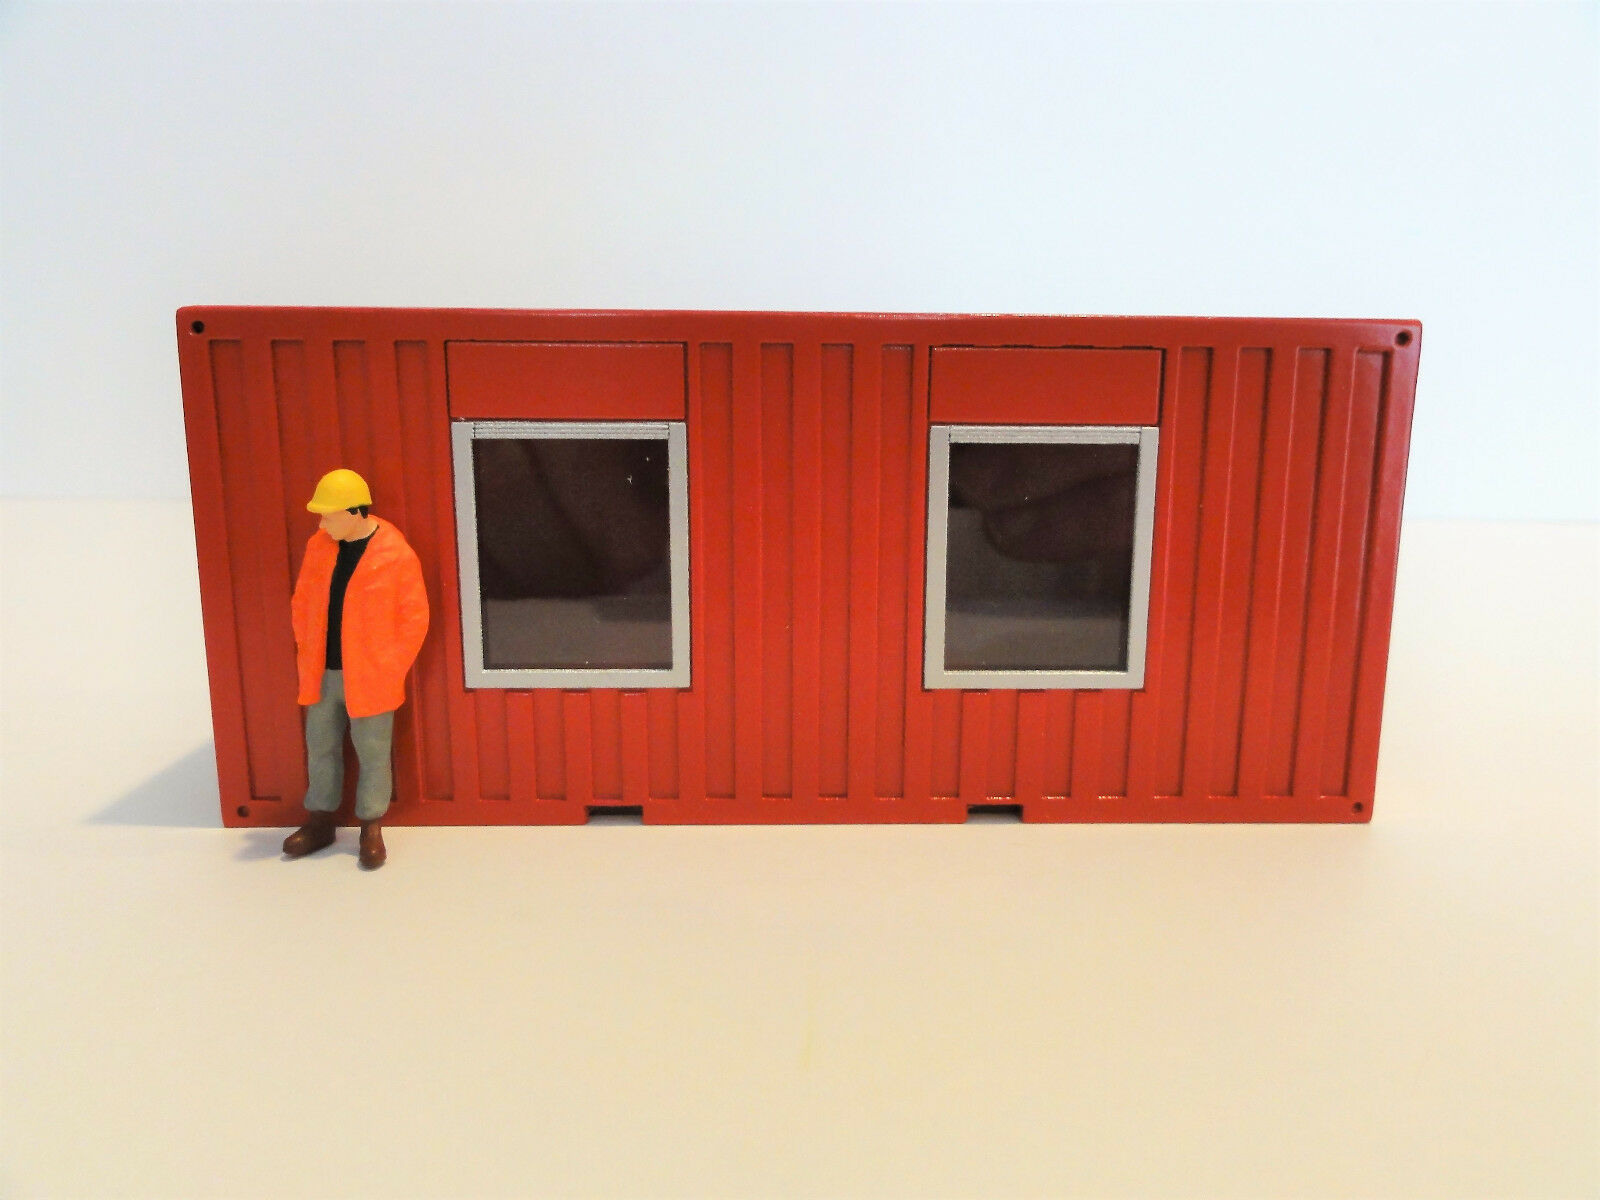 Himobo 20 ft living oficina contenedor  Rojo  1 50  NUEVO  Buen Accesorio